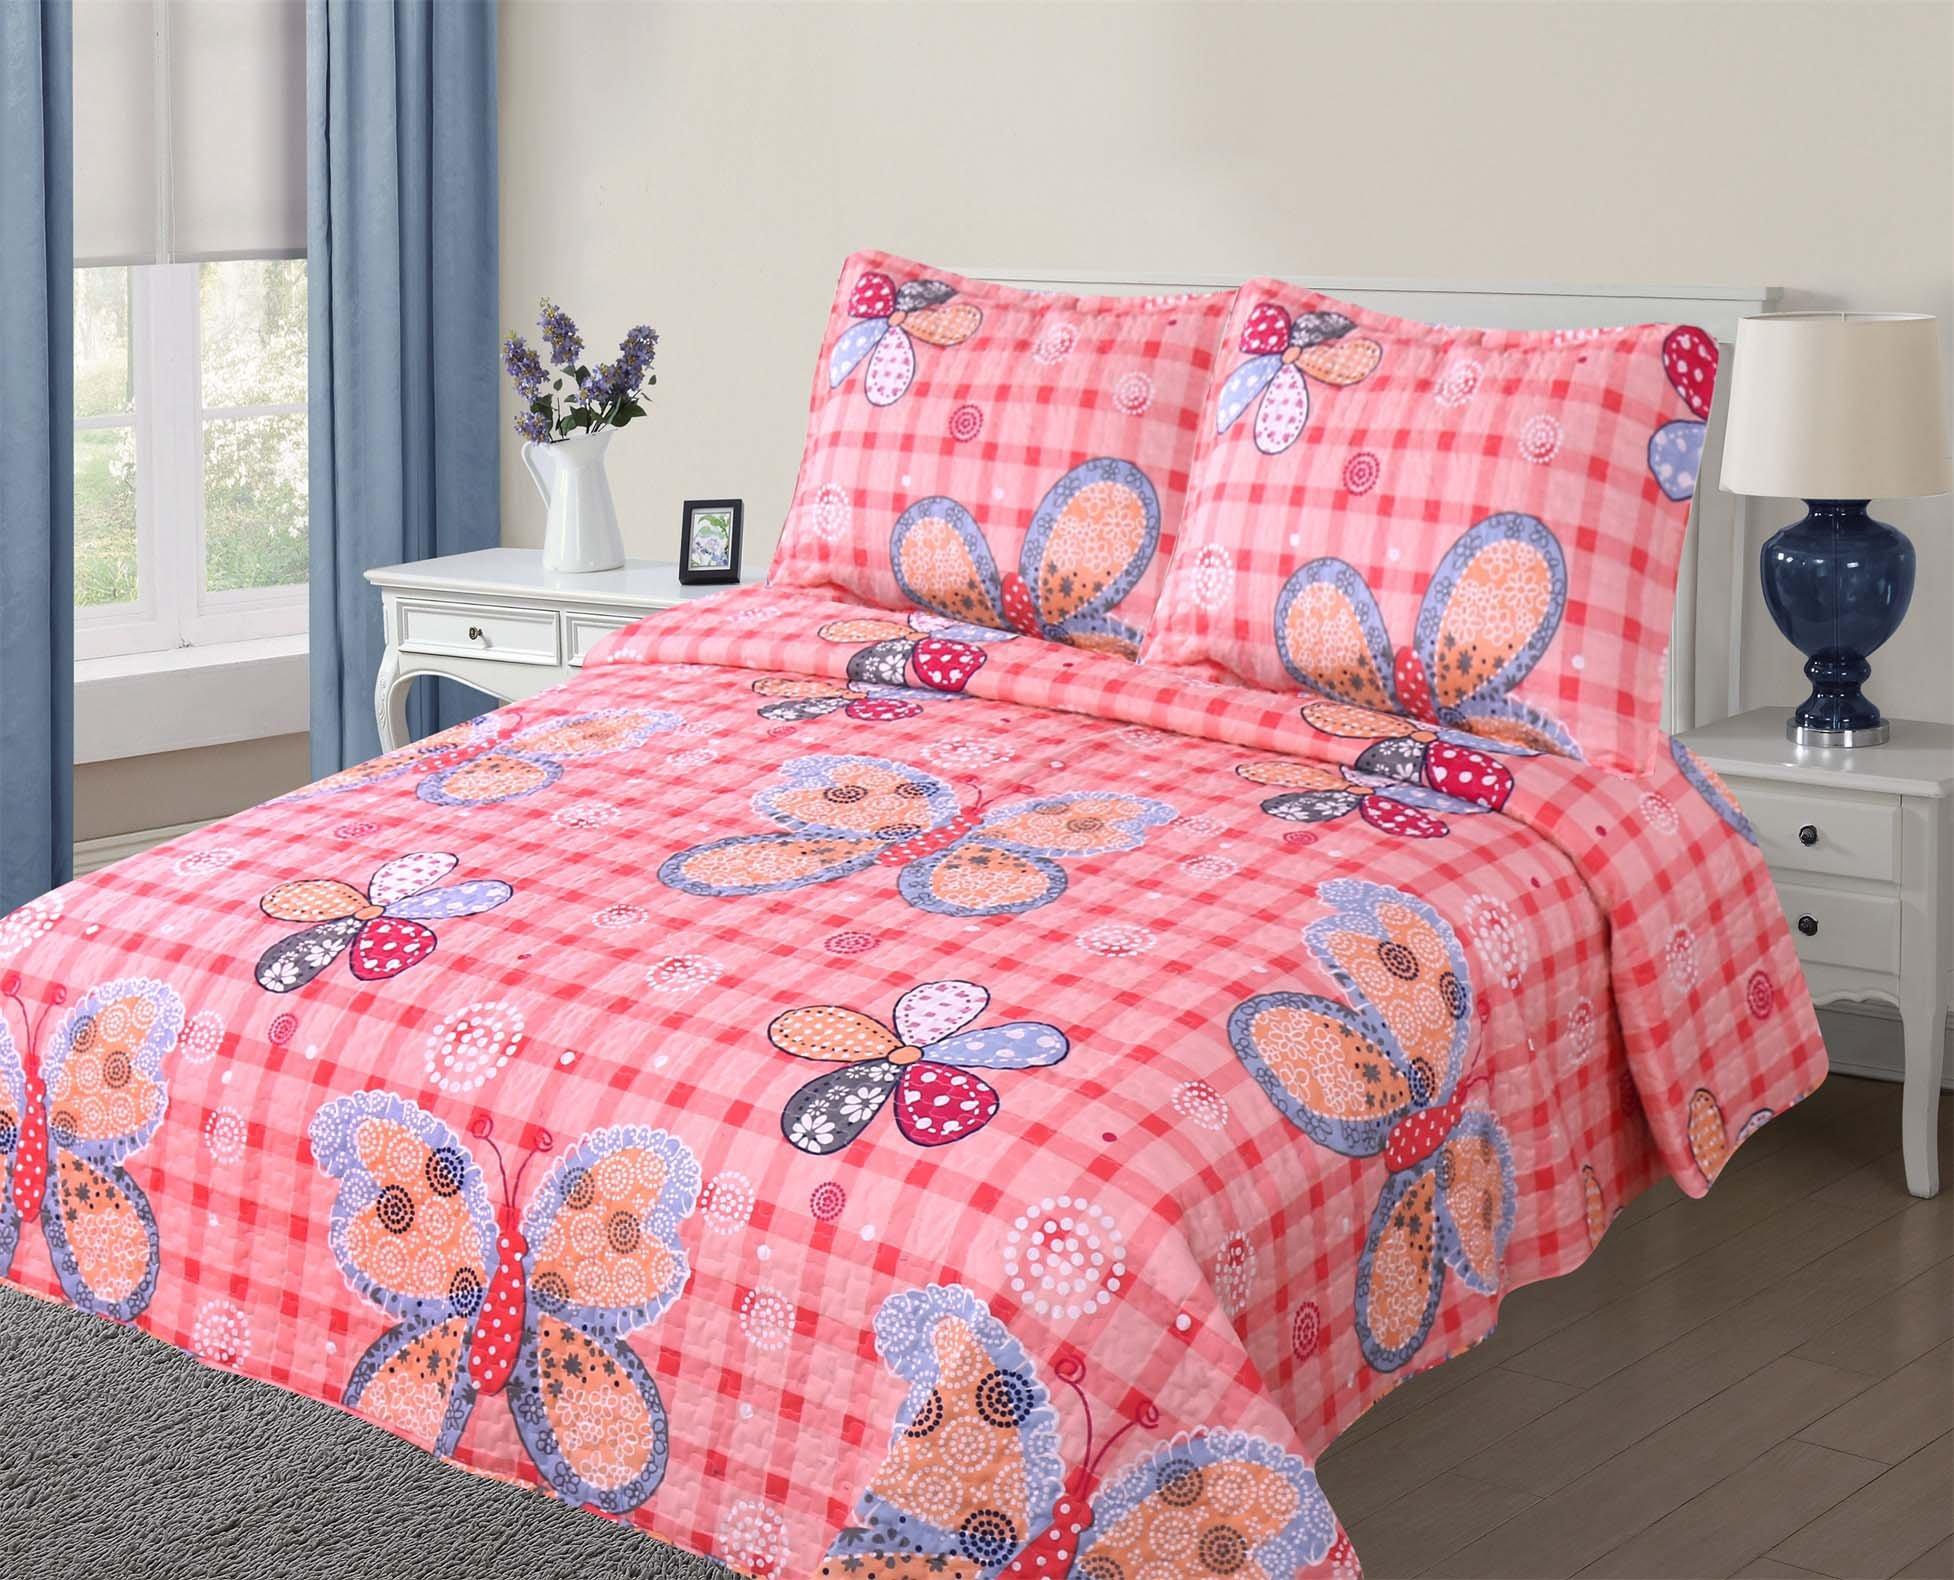 Golden Linens full Size (1 Quilt, 2 Shams) Pink Butterfly Kids Teens/Girls Quilt Bedspread 11-16 Girls